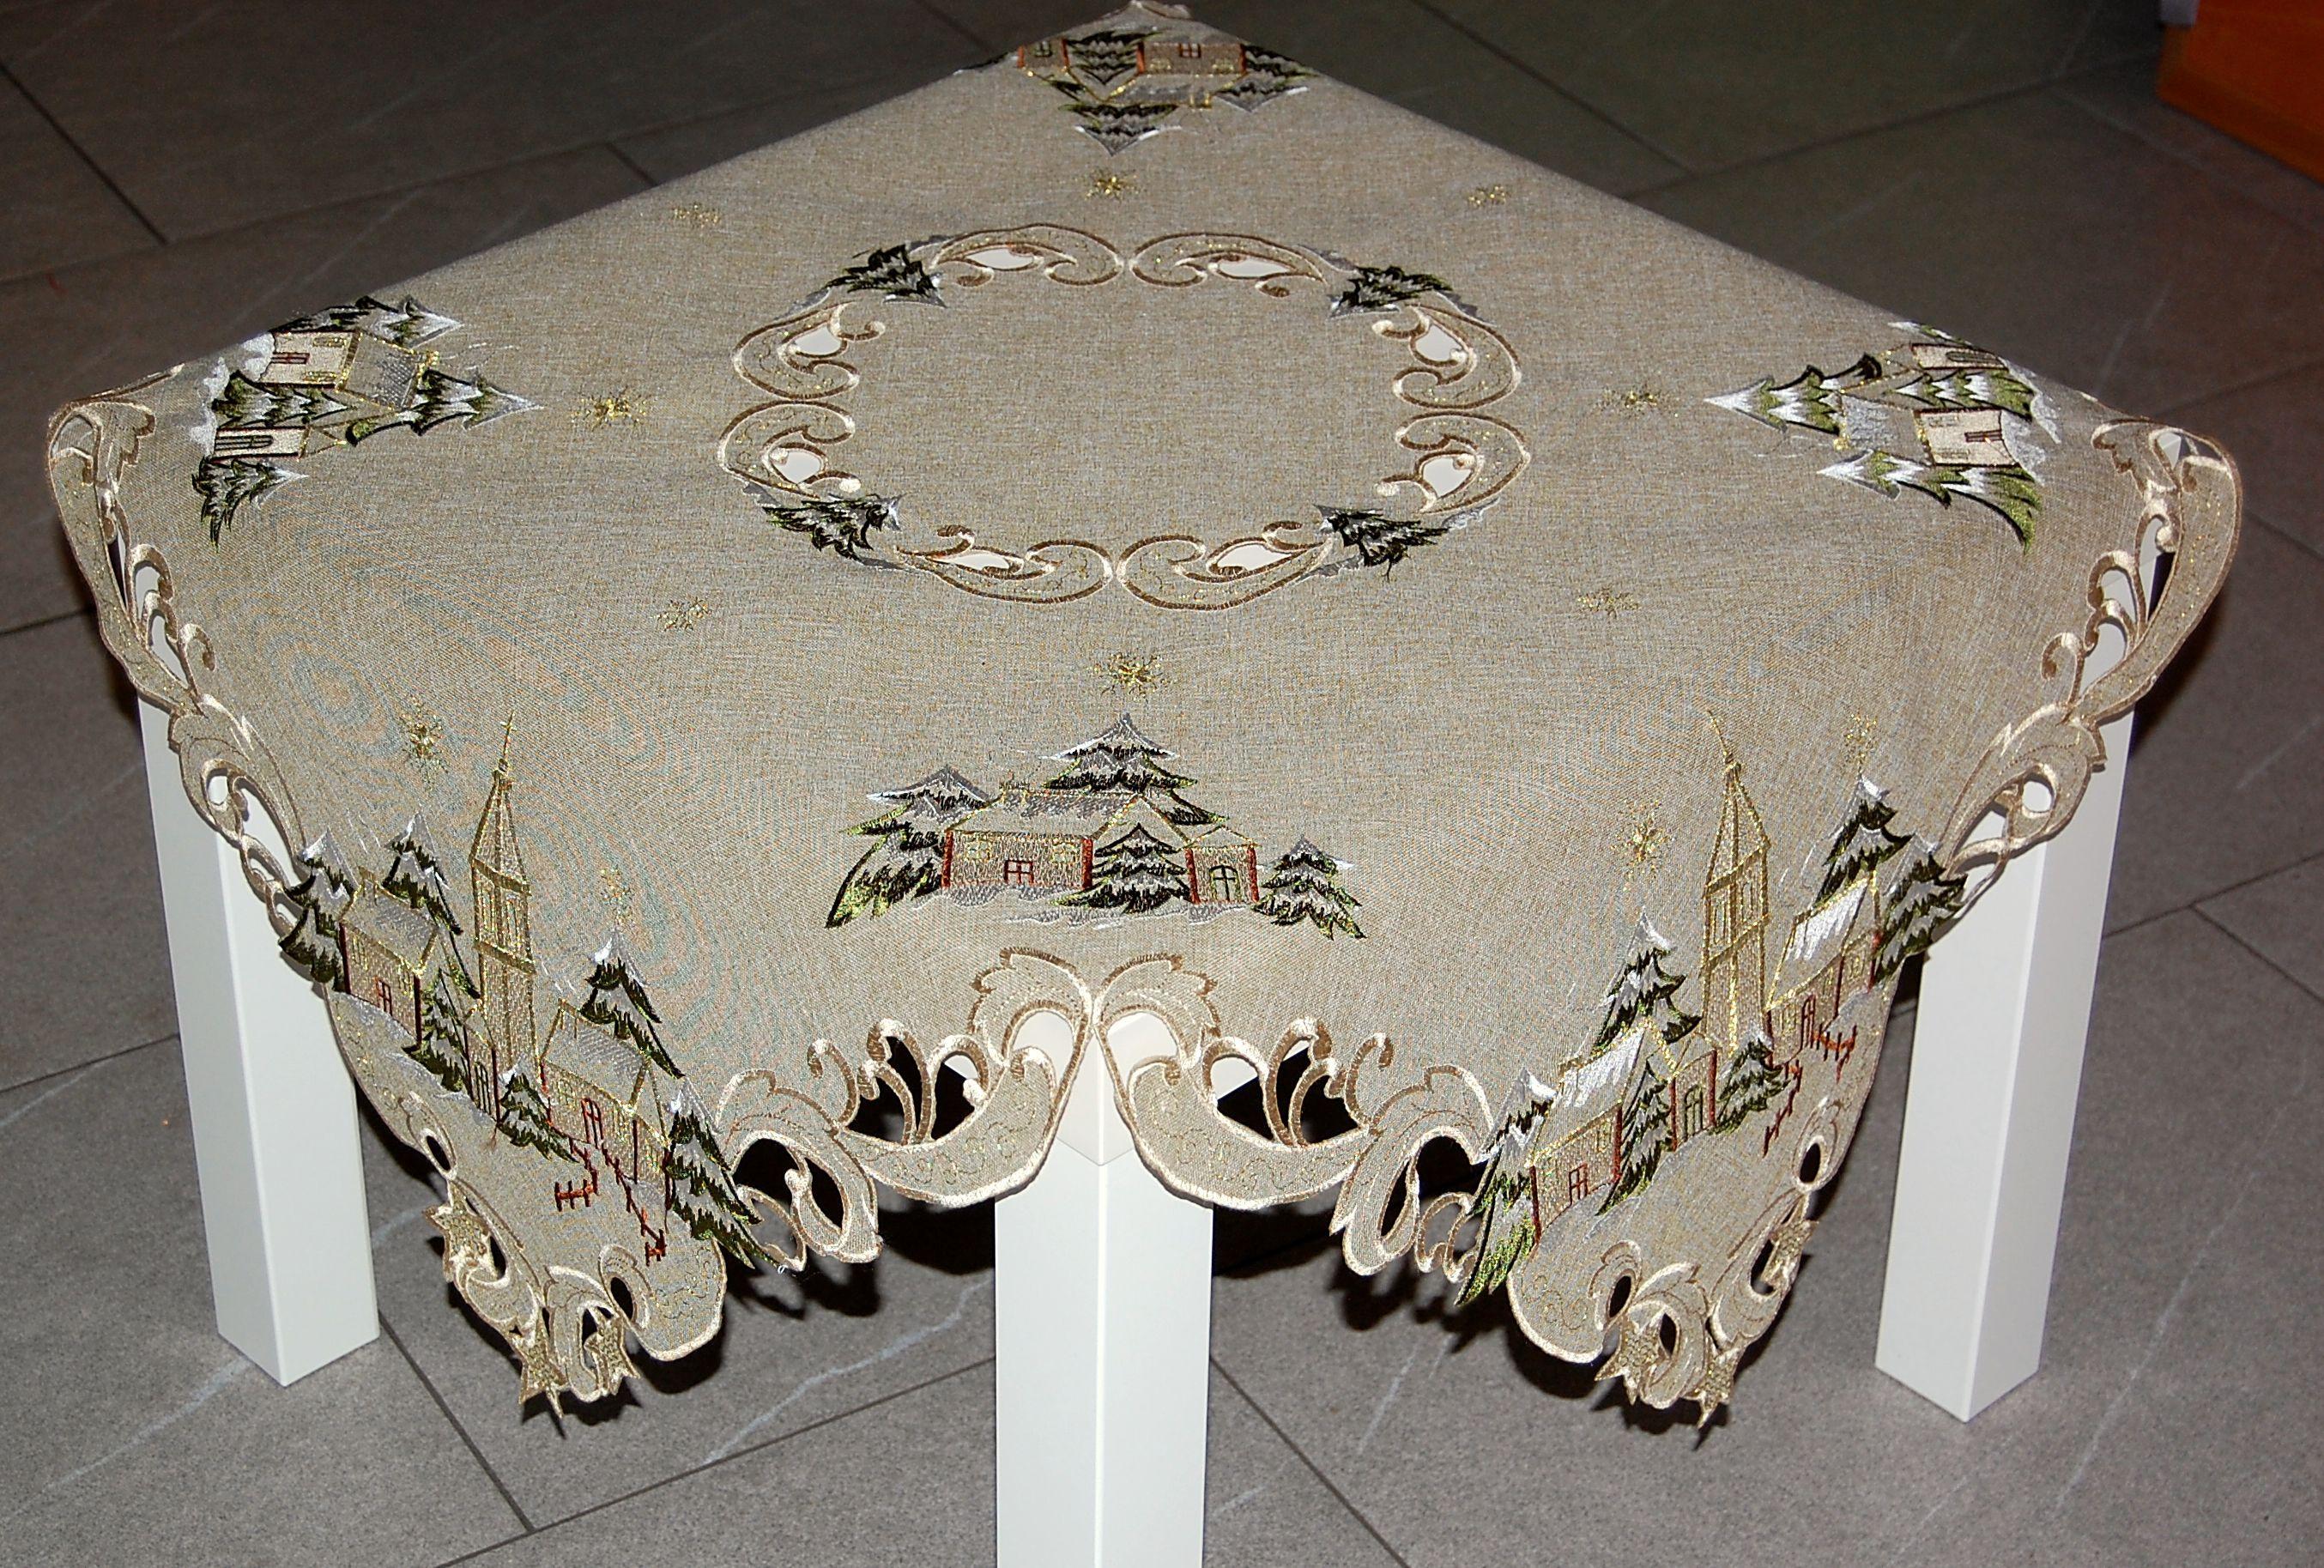 tischdecke weihnachten antik gr n winterlandschaft kirche. Black Bedroom Furniture Sets. Home Design Ideas